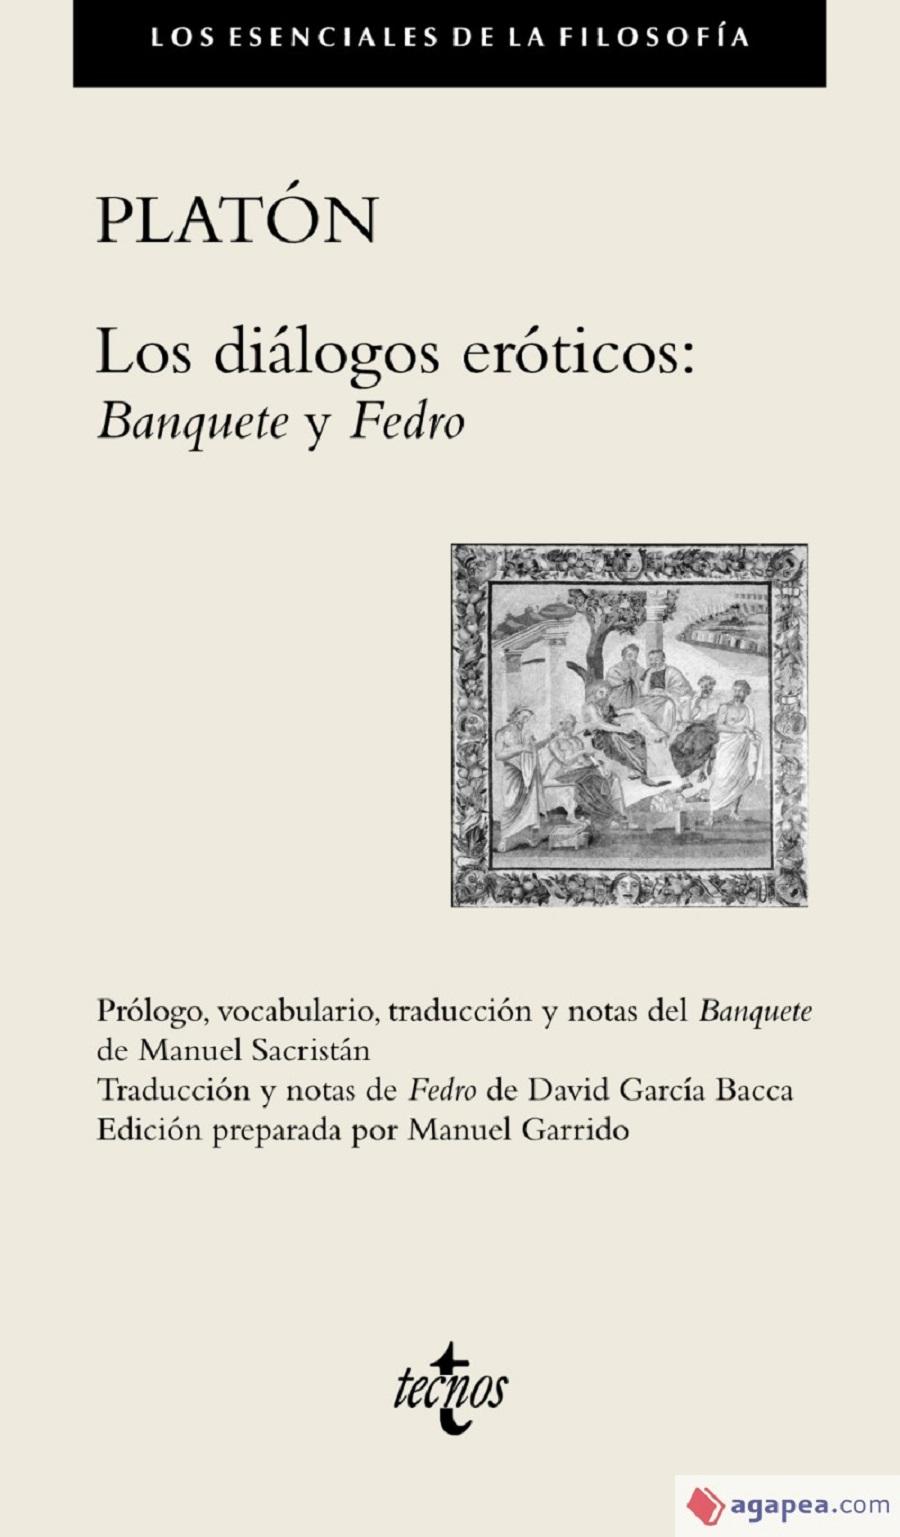 Los dialogos eroticos i6n9303680